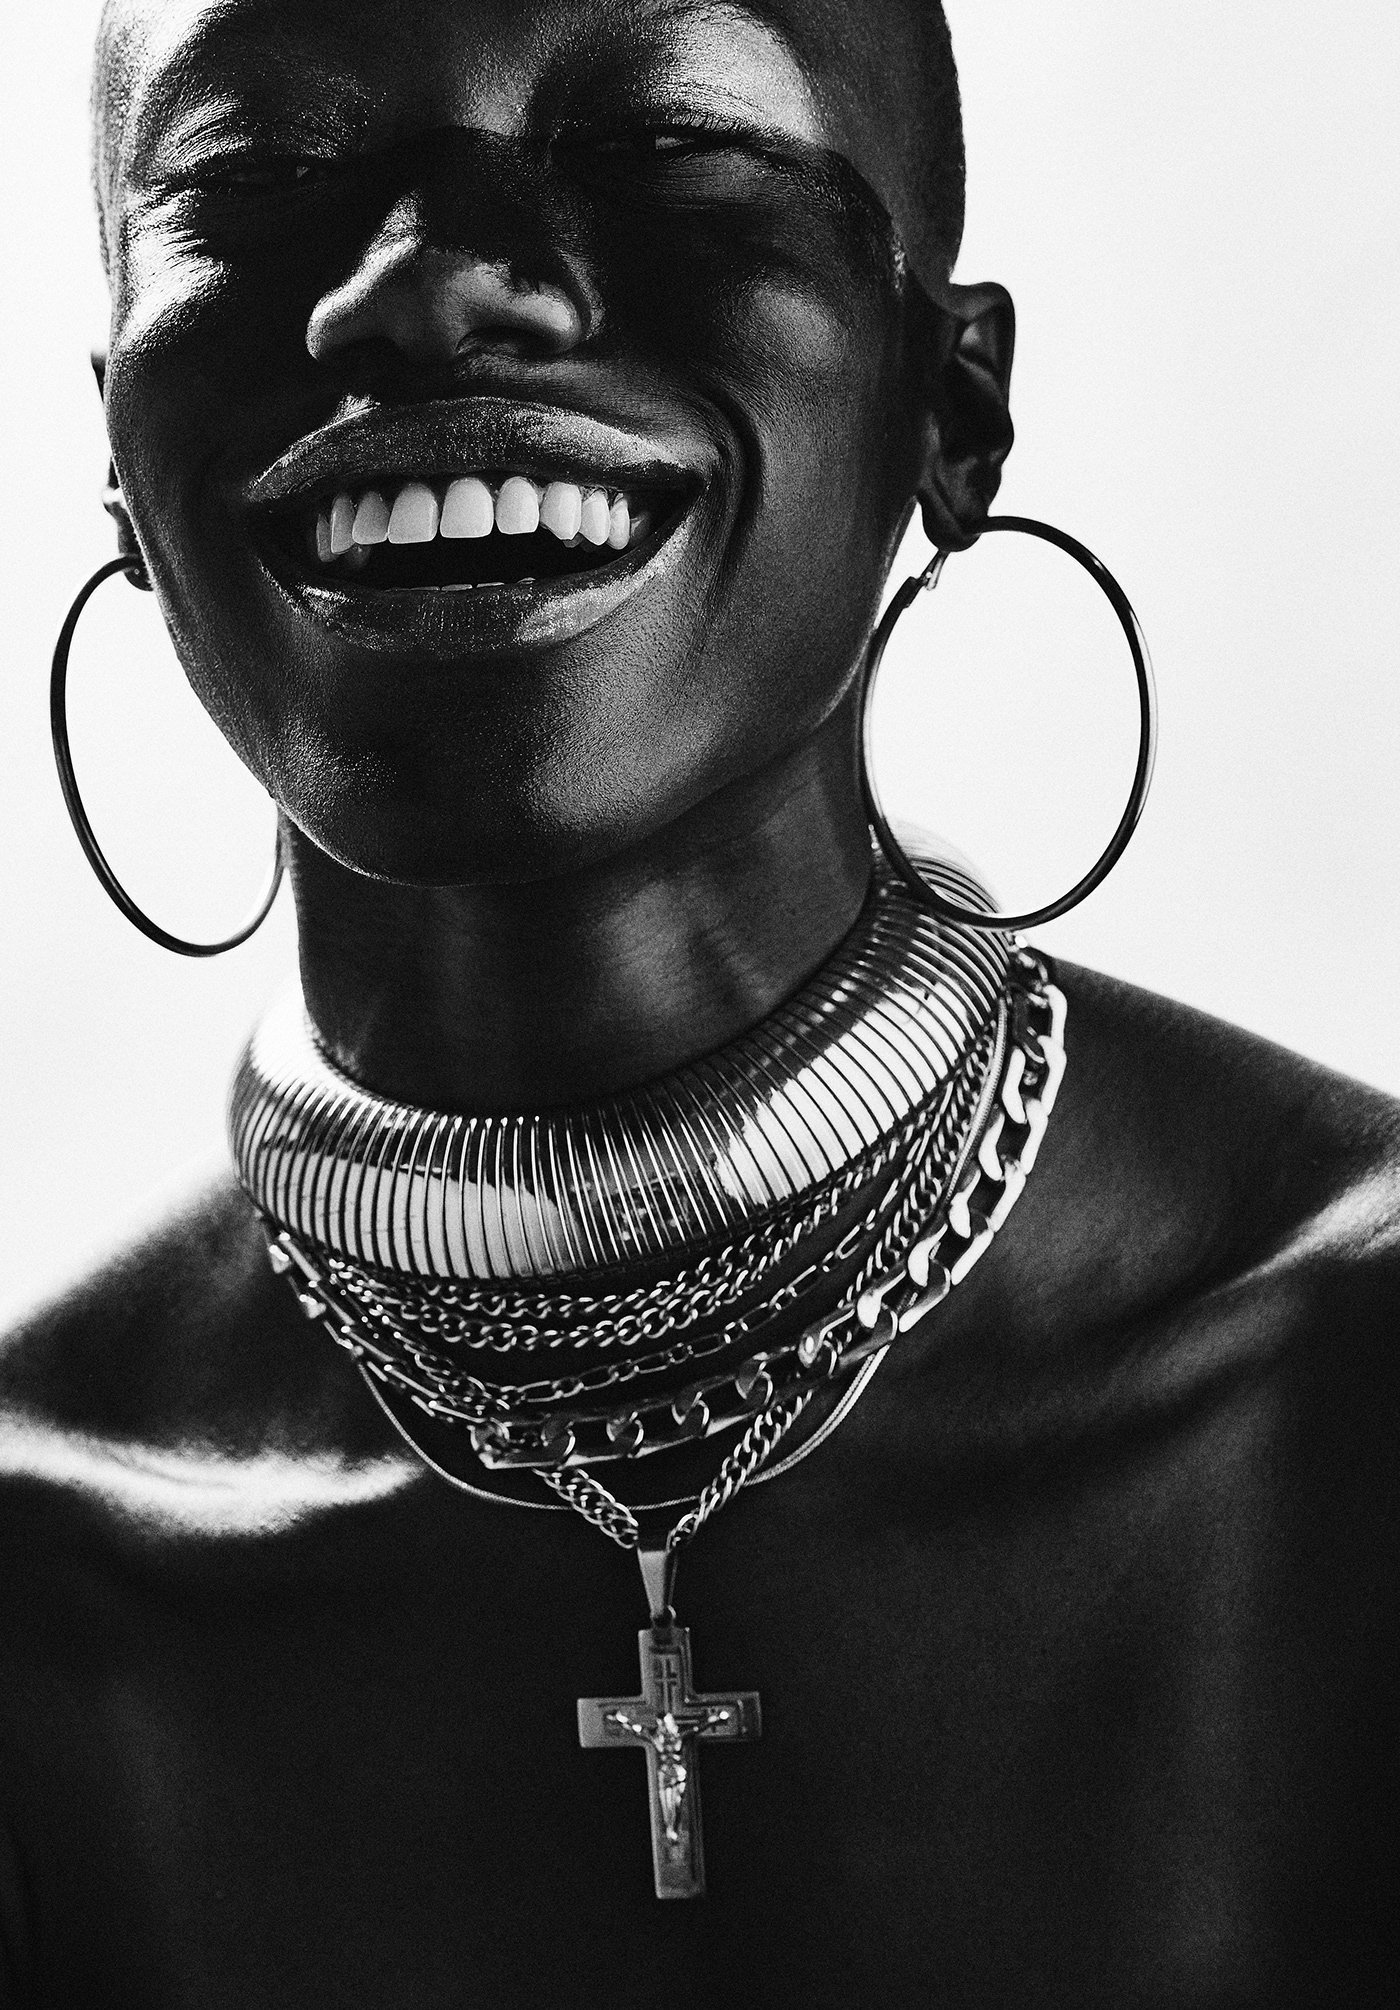 b&w beauty bnw editorial Fashion  jewelry makeup Photography  portrait warrior